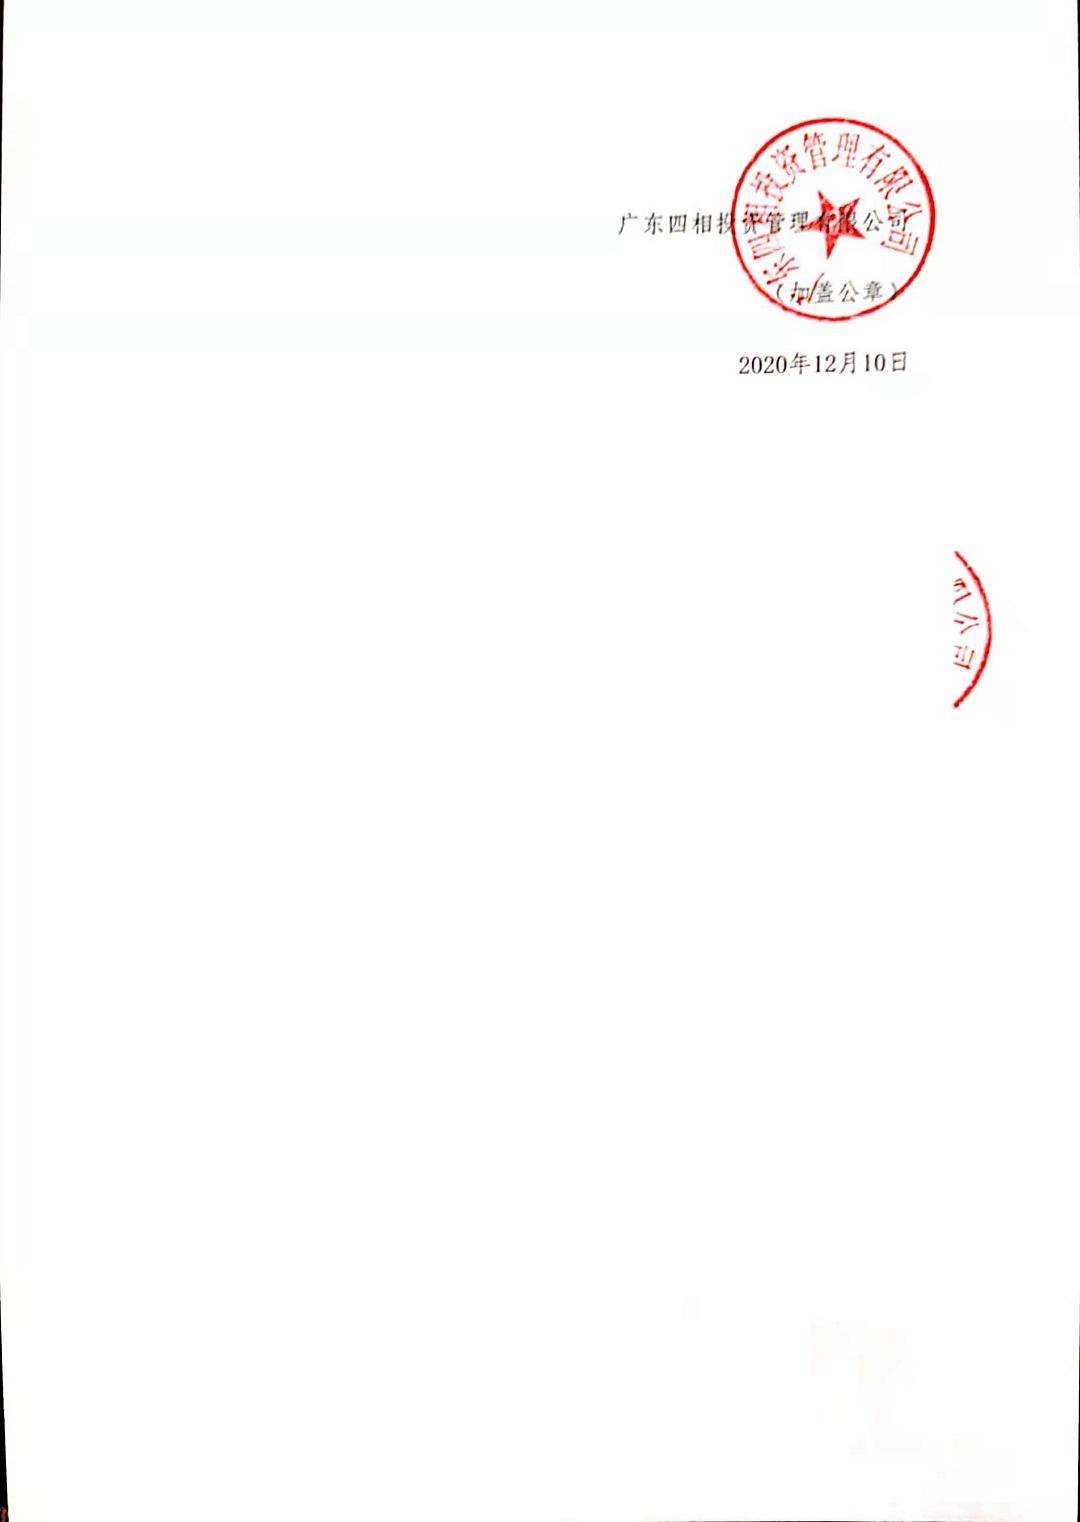 微信图片_20201210161256